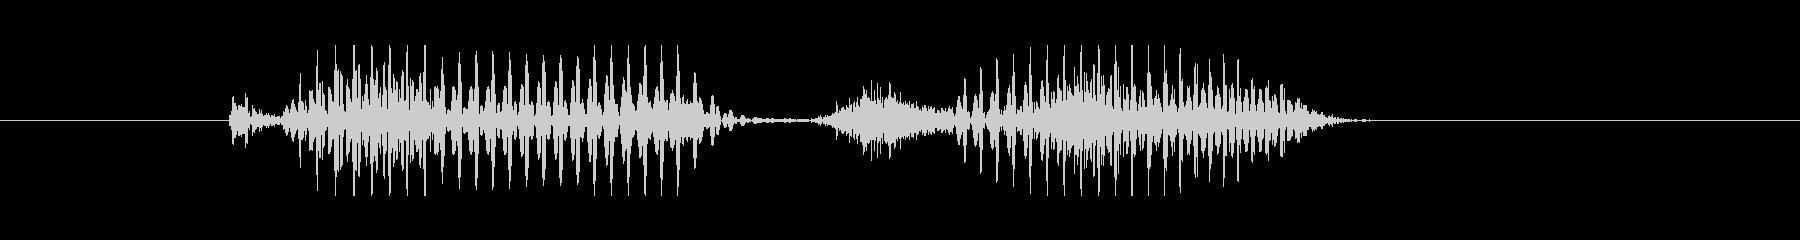 「こんにちは」の未再生の波形